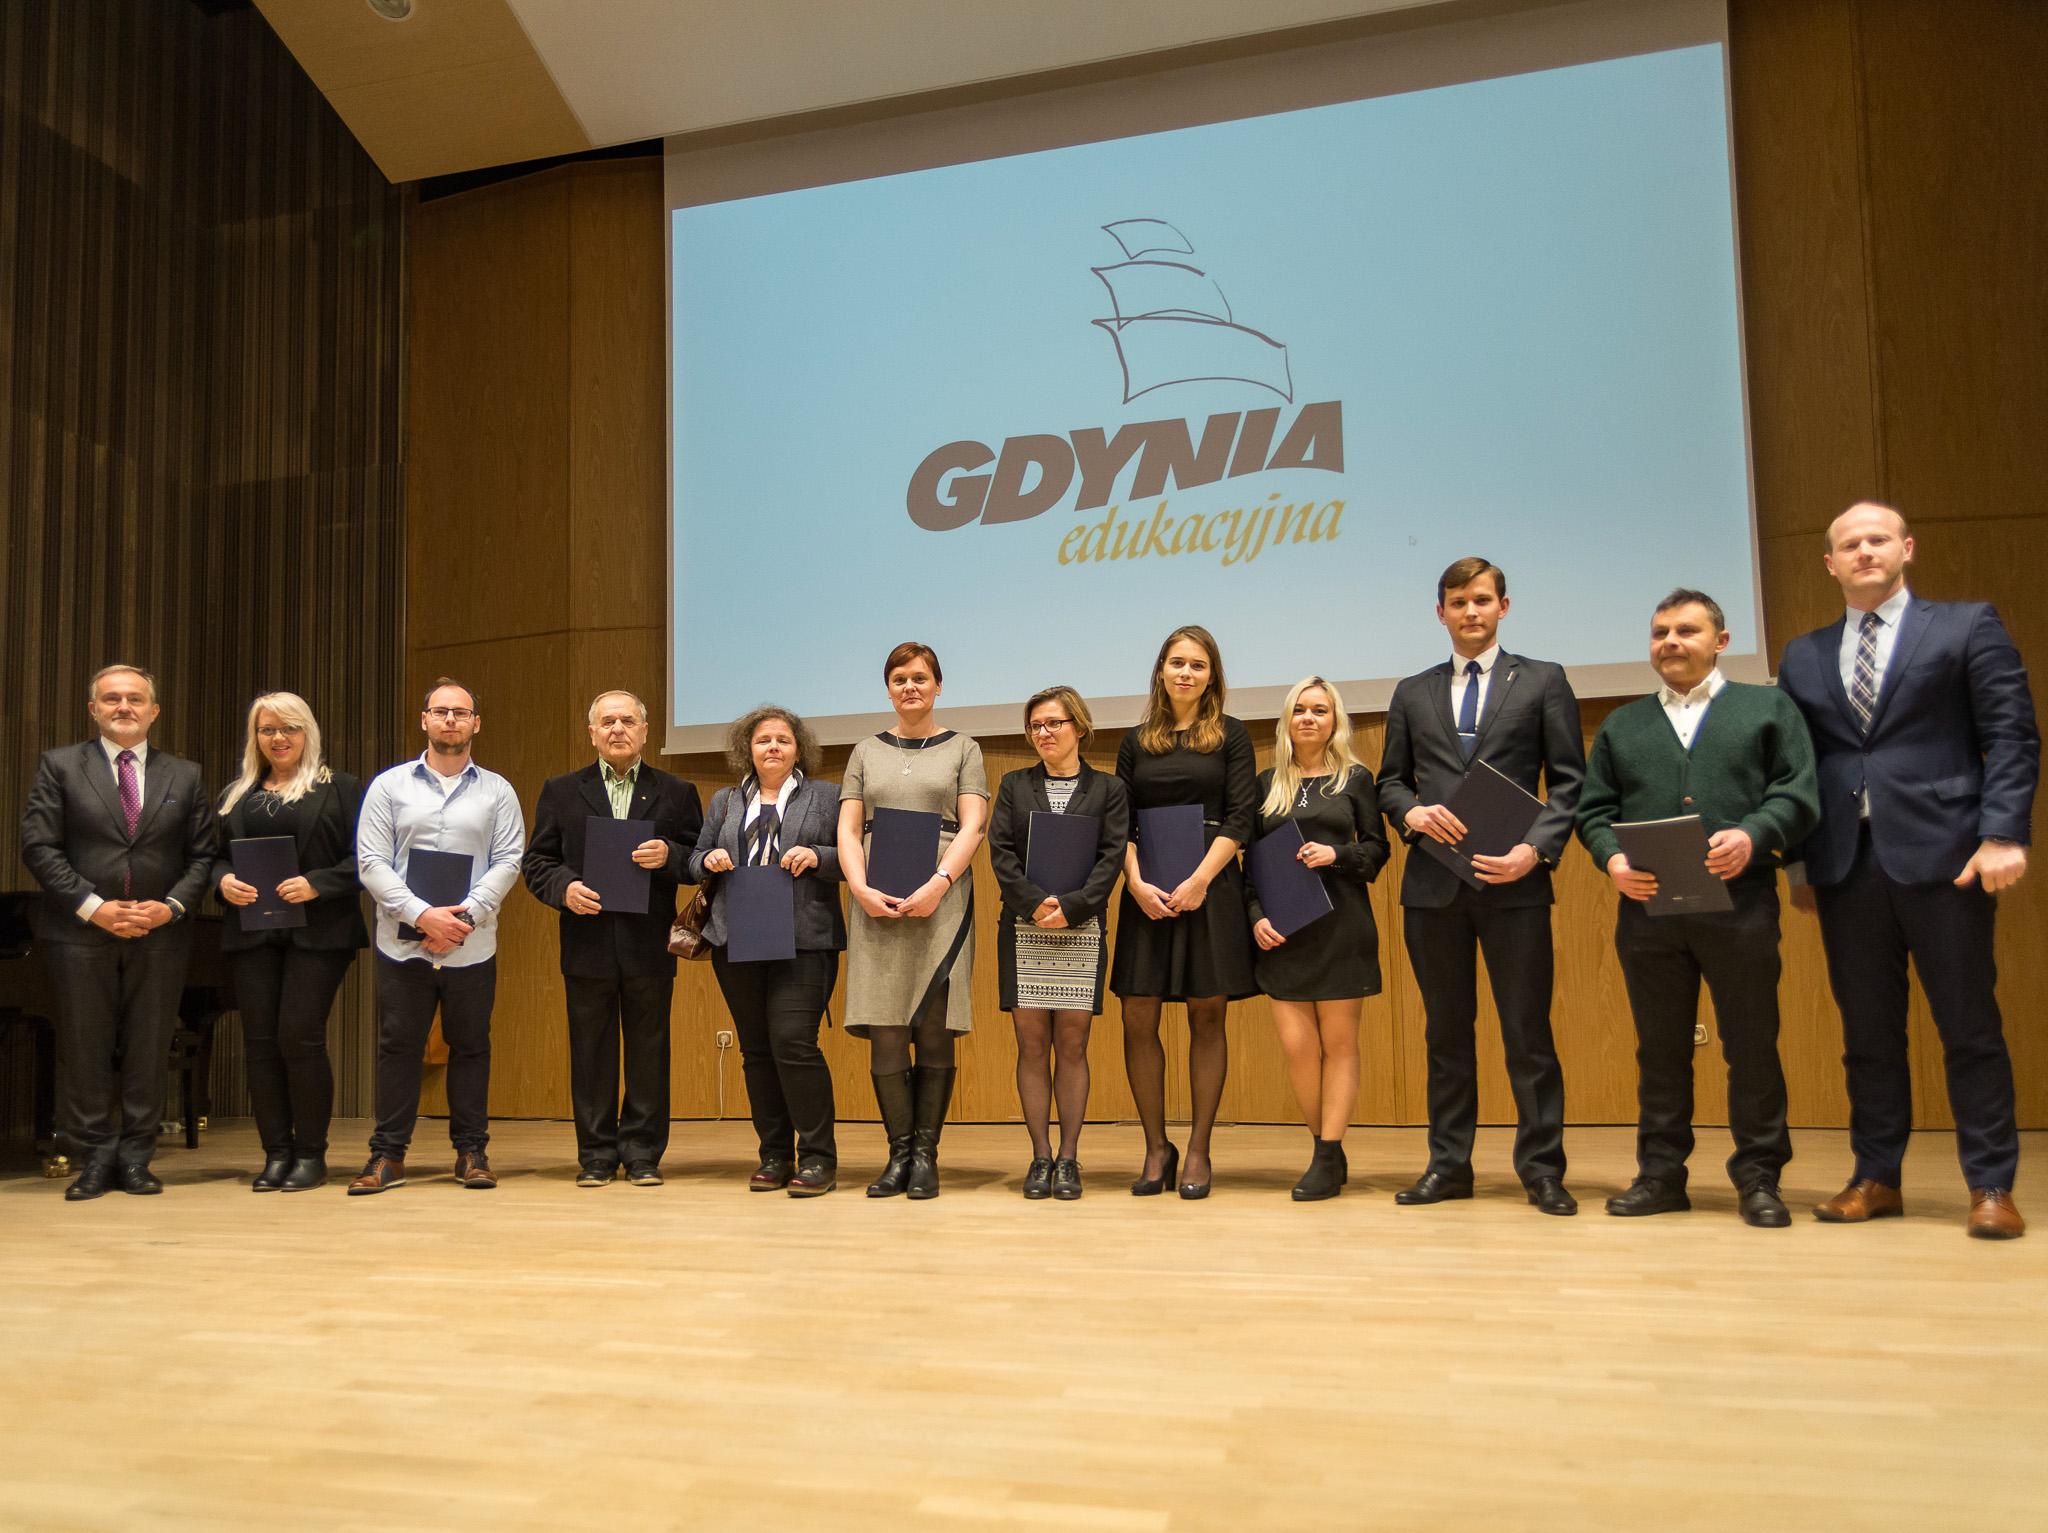 Stypendyści ze szkół wyższych i członkowie rodzin odbierający wyróżnienia w ich imieniu, fot. Anna Bobrowska